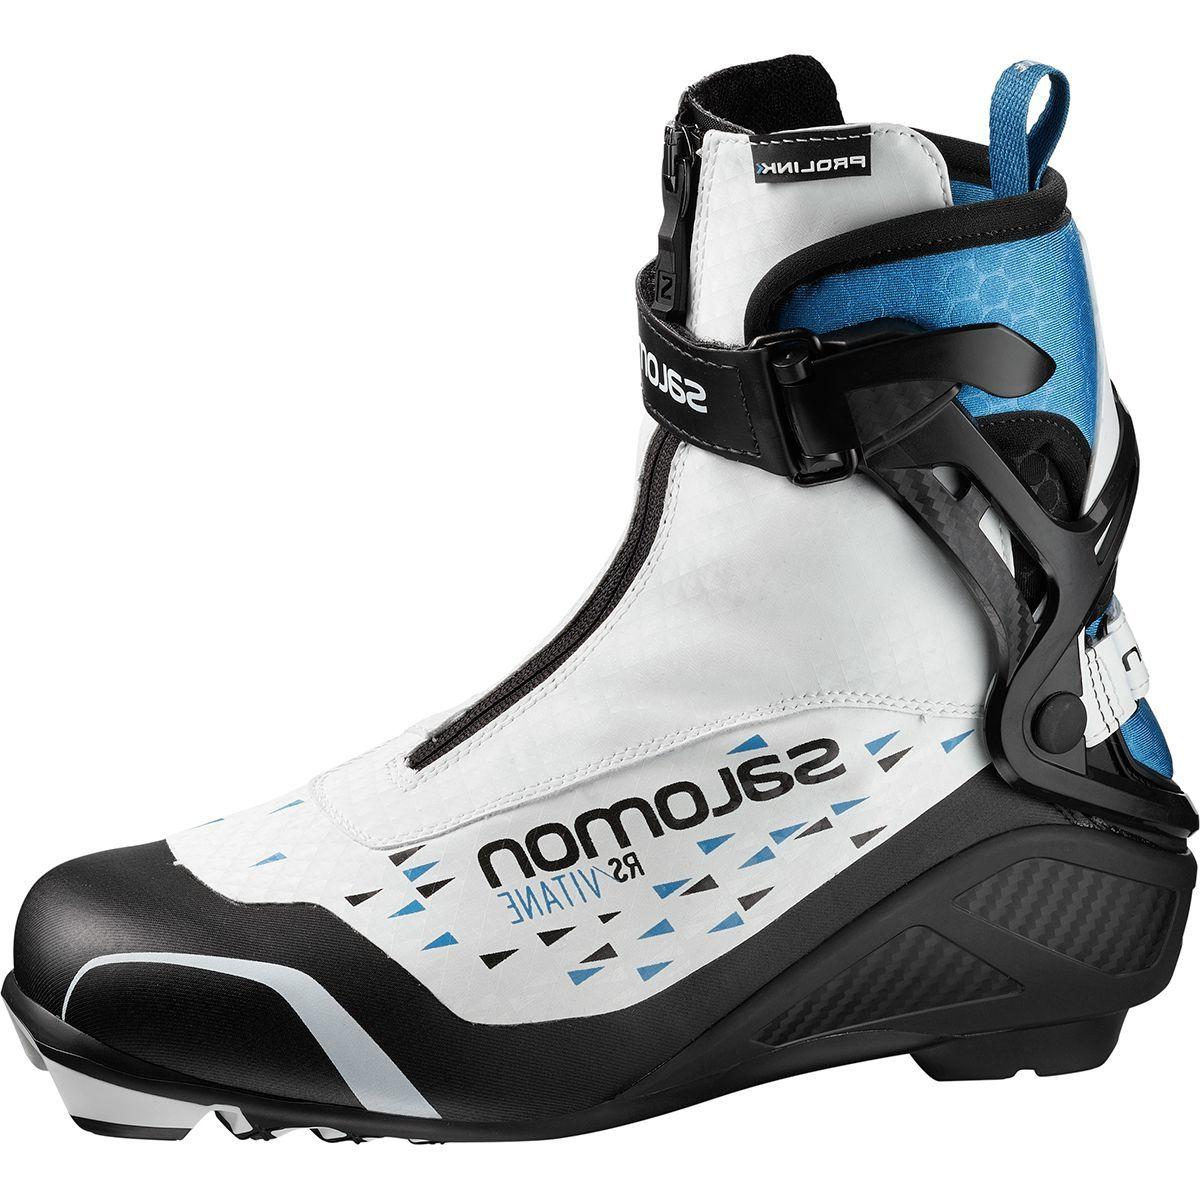 Salomon RS Vitane Prolink Skate Boot - Women's